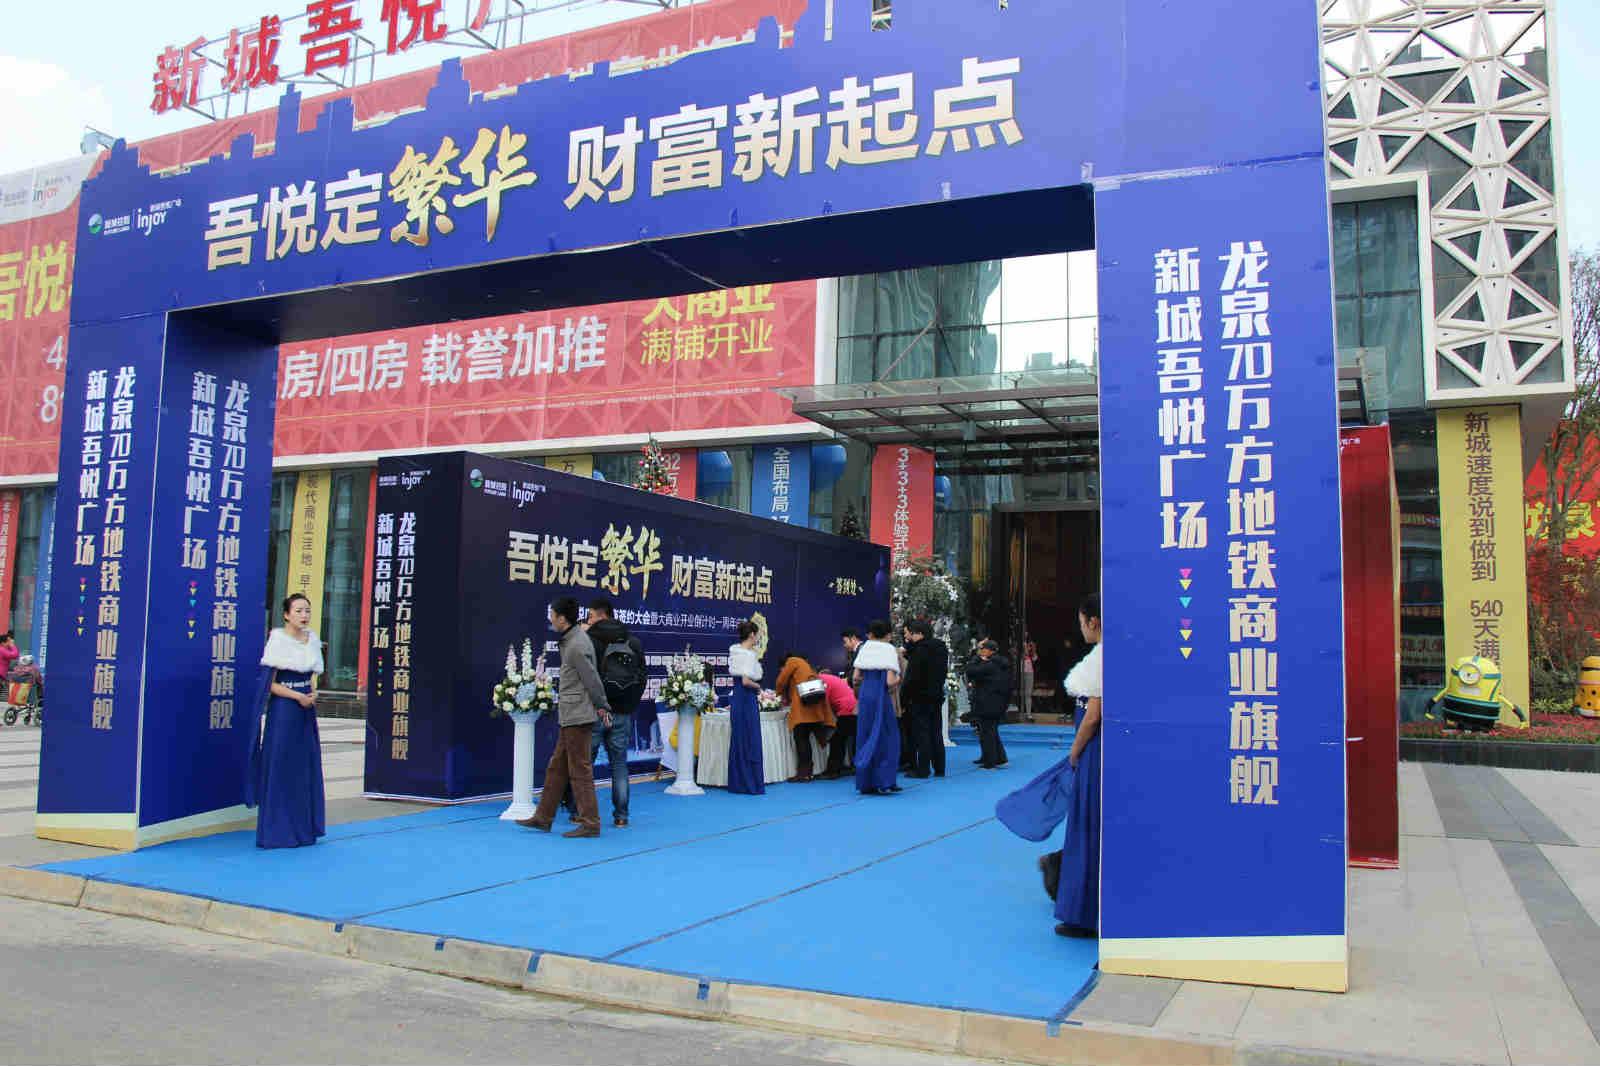 成都新城吾悦广场大商业开业倒计时一周年圆满